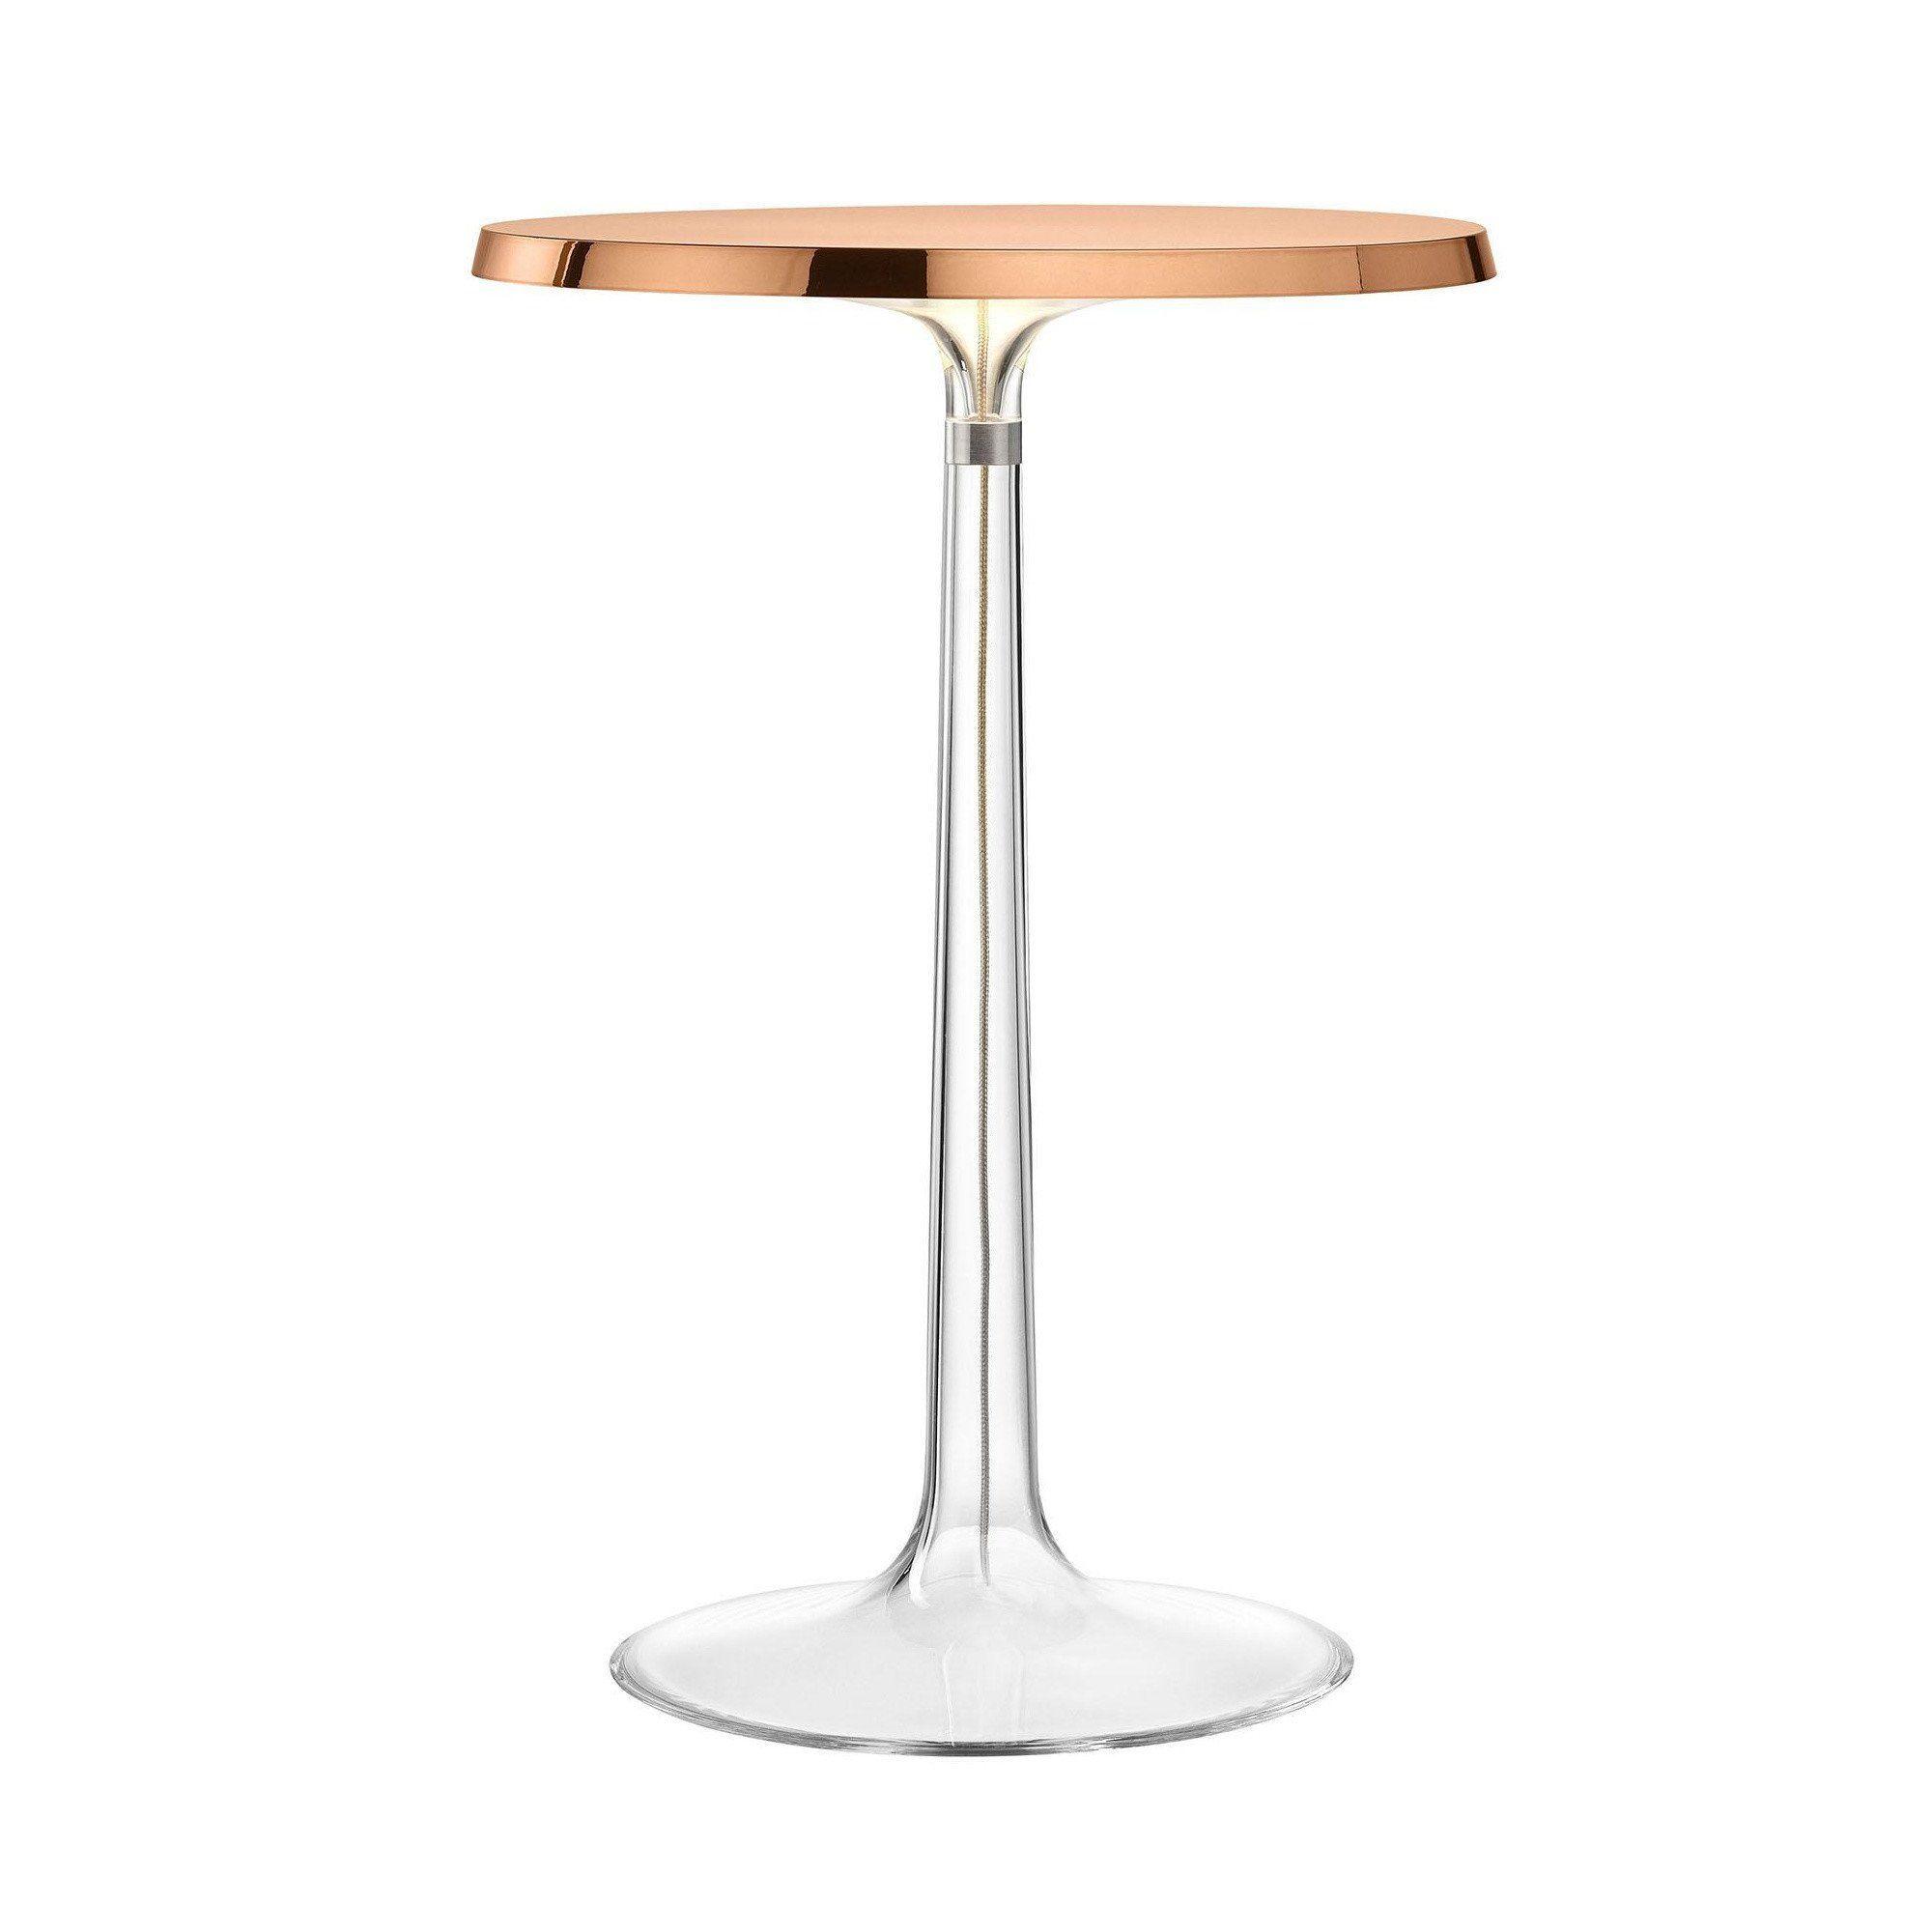 Bon jour led table lamp copper flos ambientedirect flos bon jour led table lamp copper coppertransparentglossyh mozeypictures Images